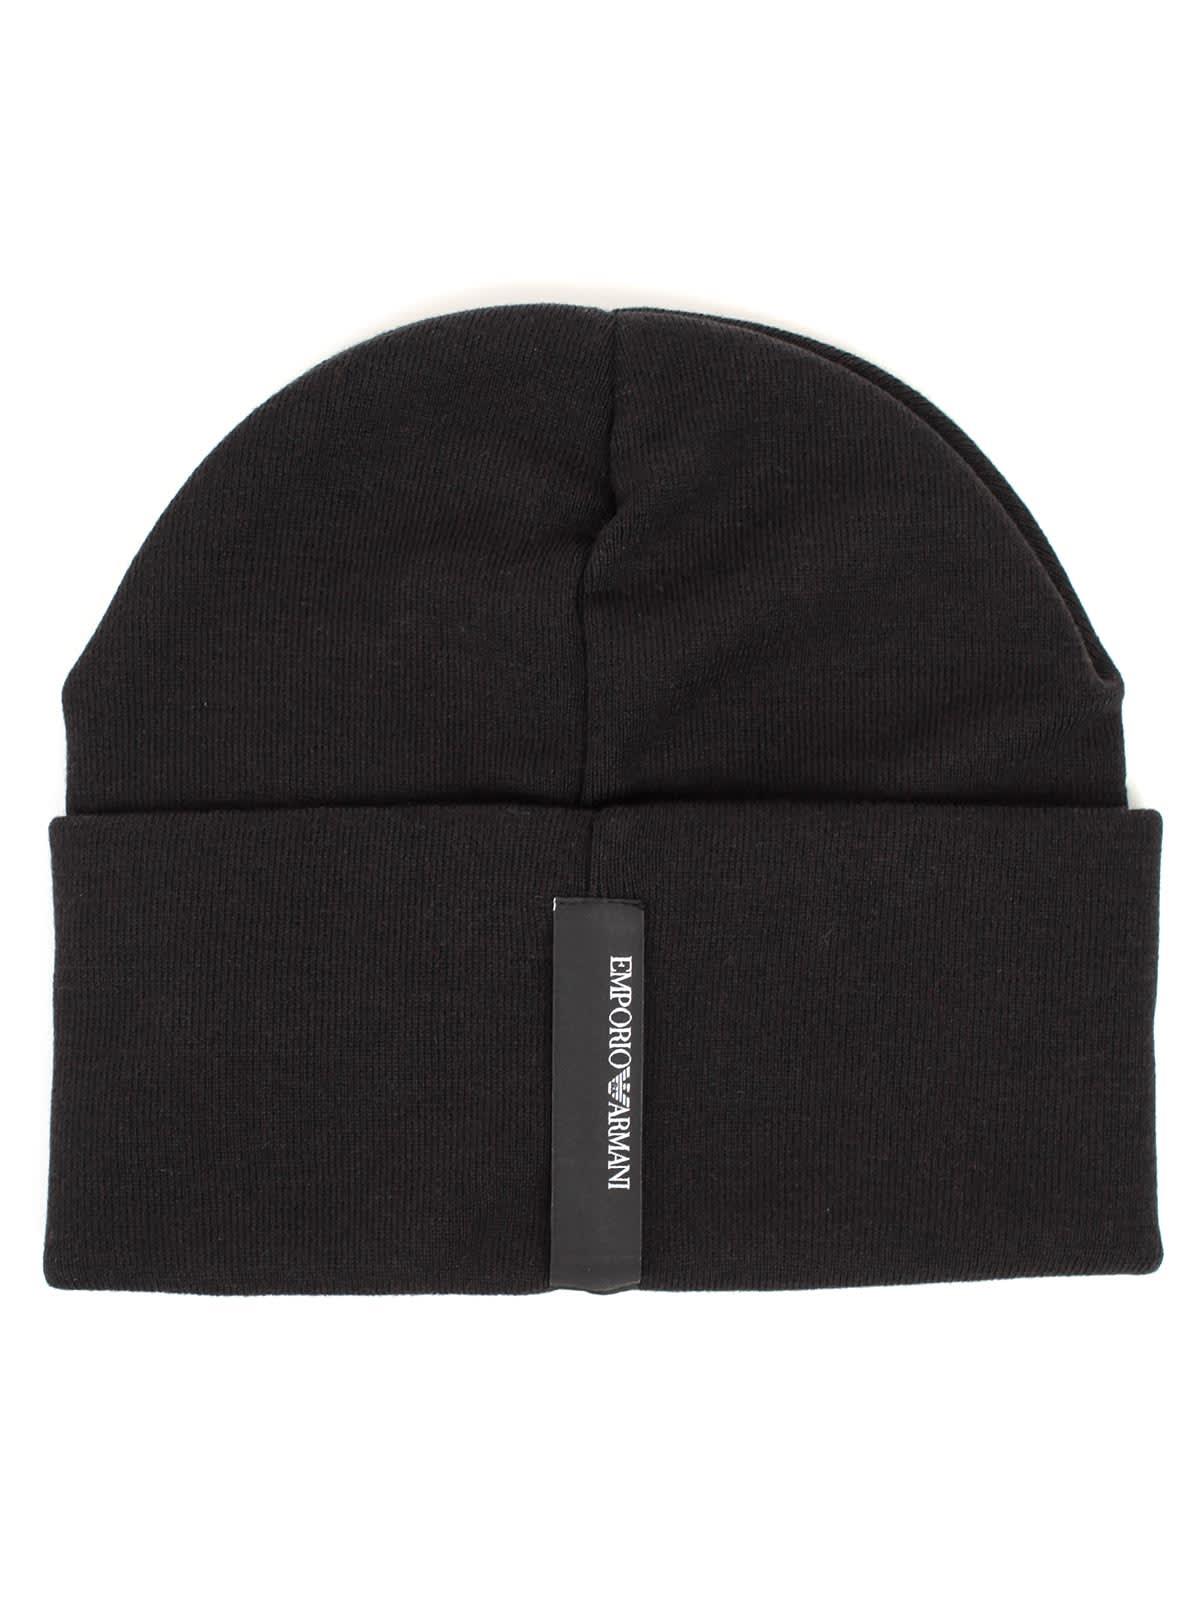 dc8f407099d8 Emporio Armani Emporio Armani Beanie Hat - Nero - 11019486   italist